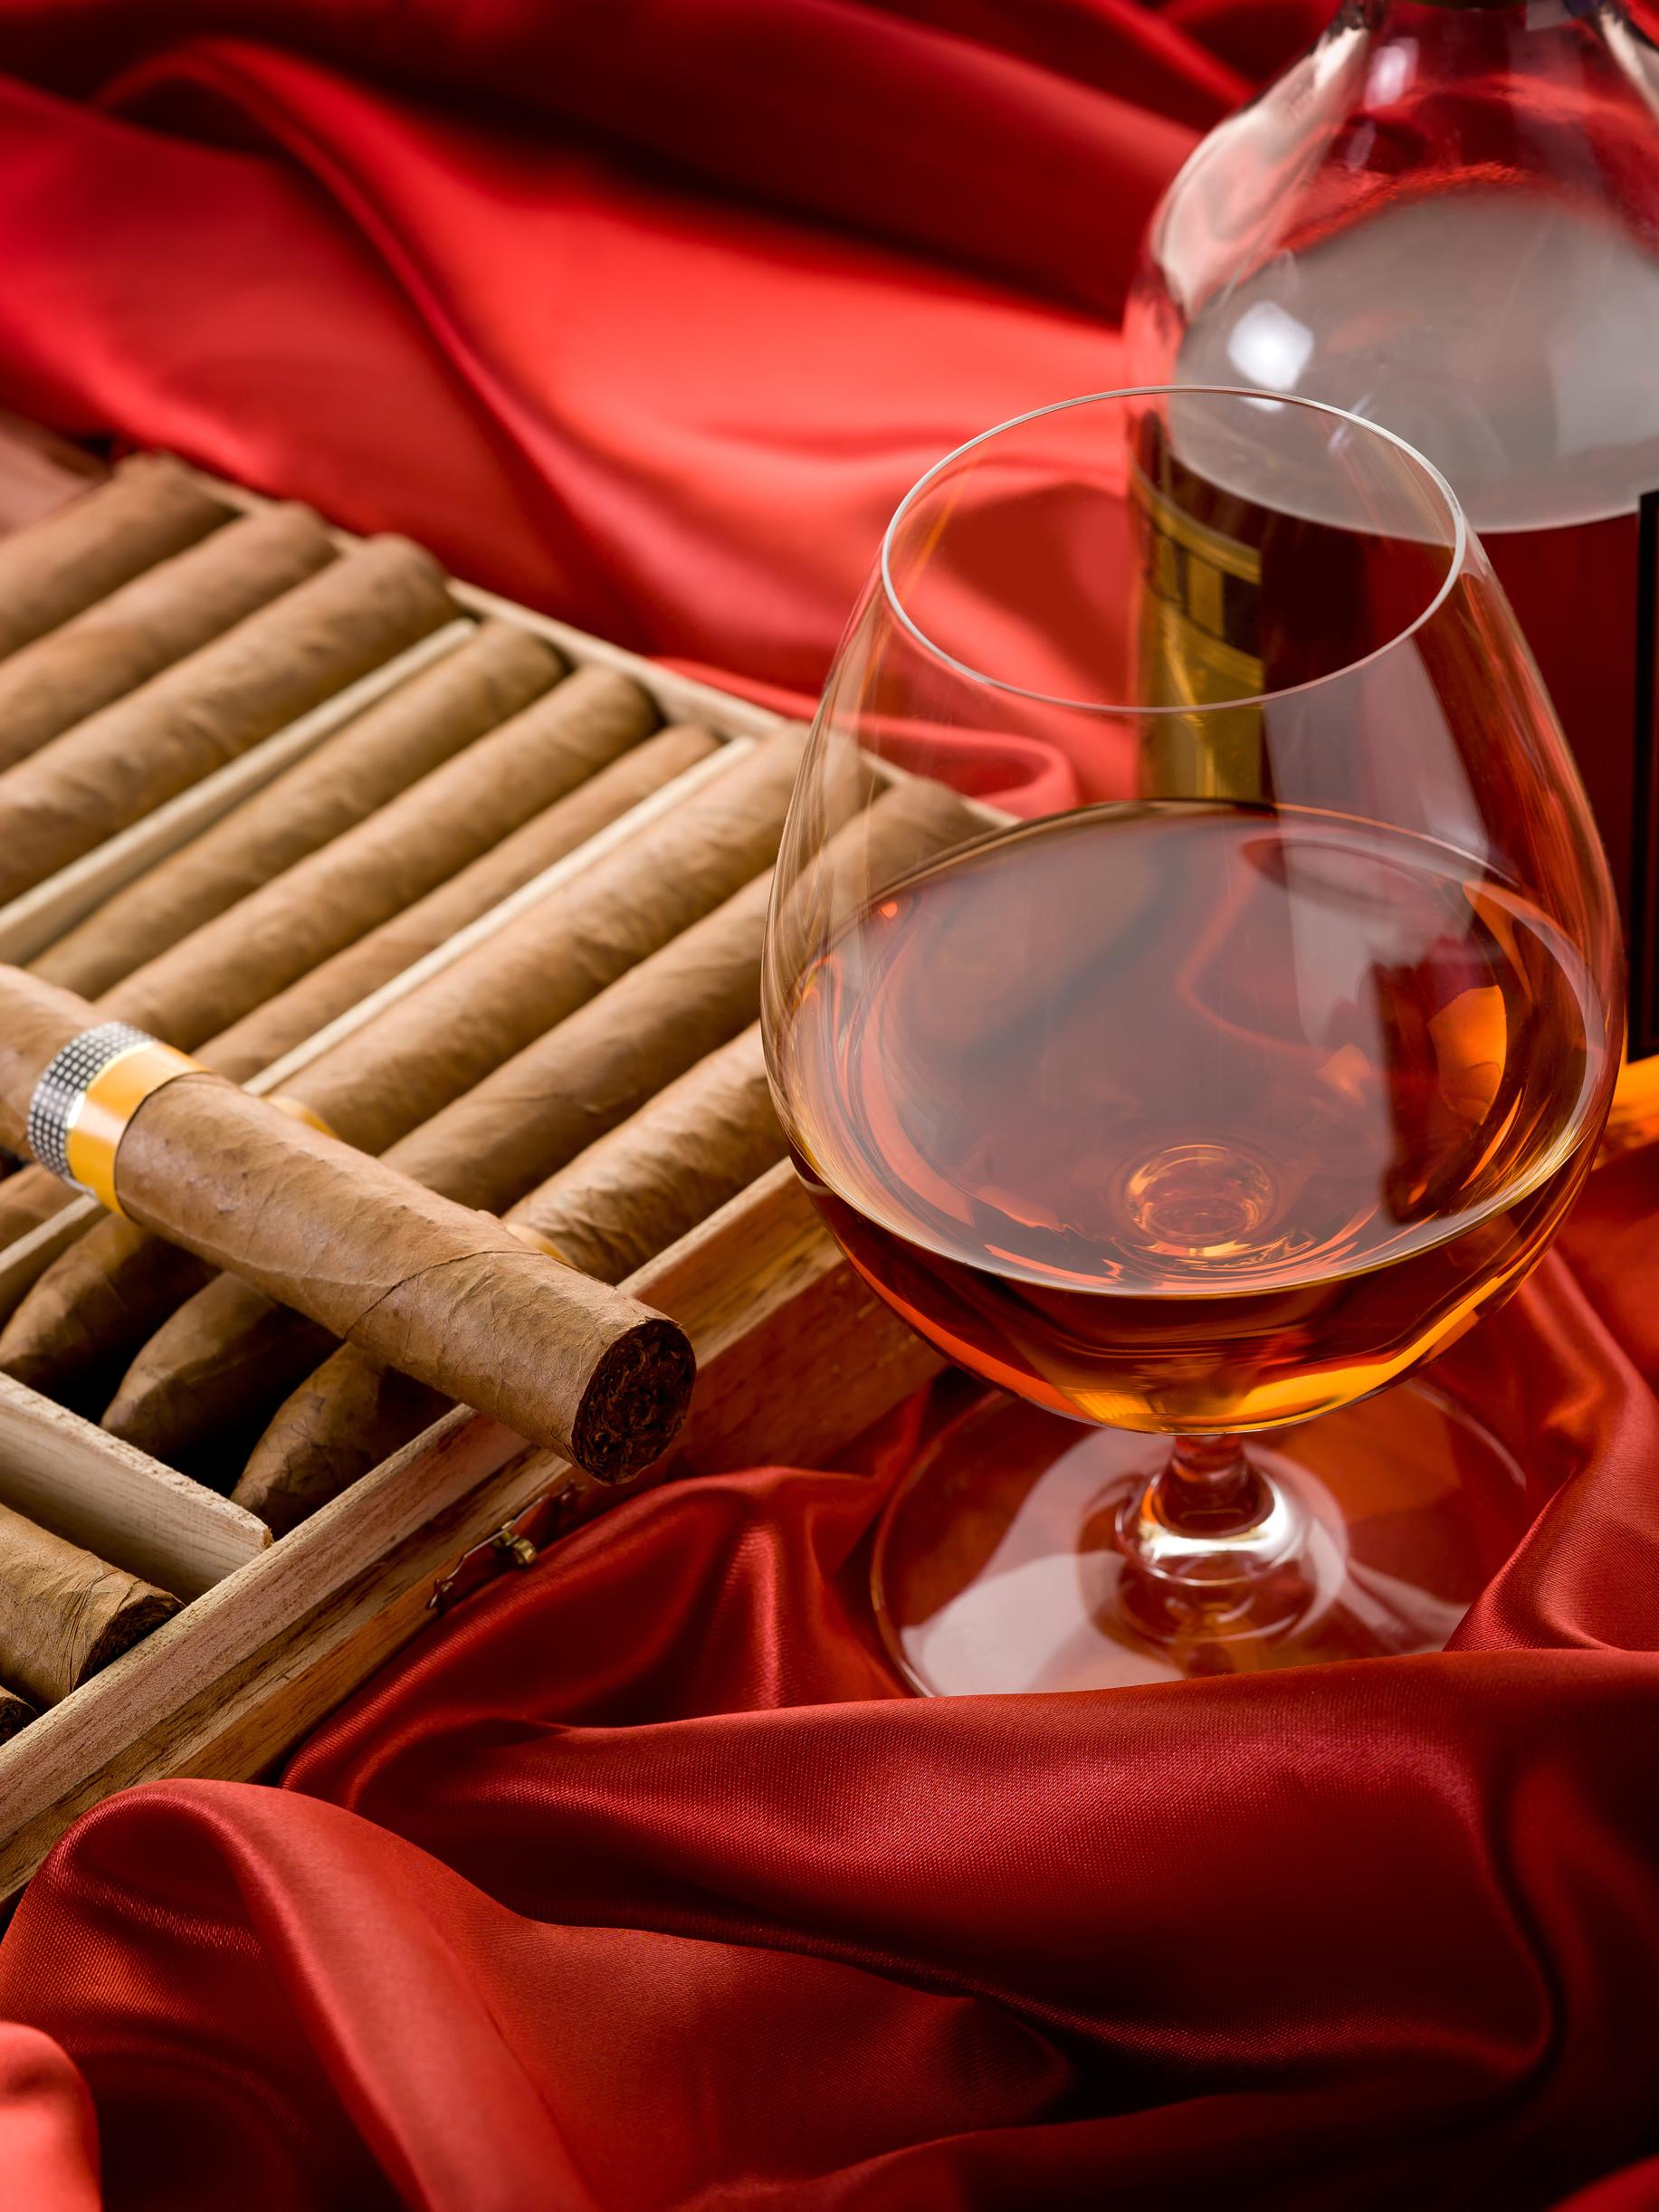 рюмка коньяка и сигары на красной ткани, скачать фото, обои для рабочего стола